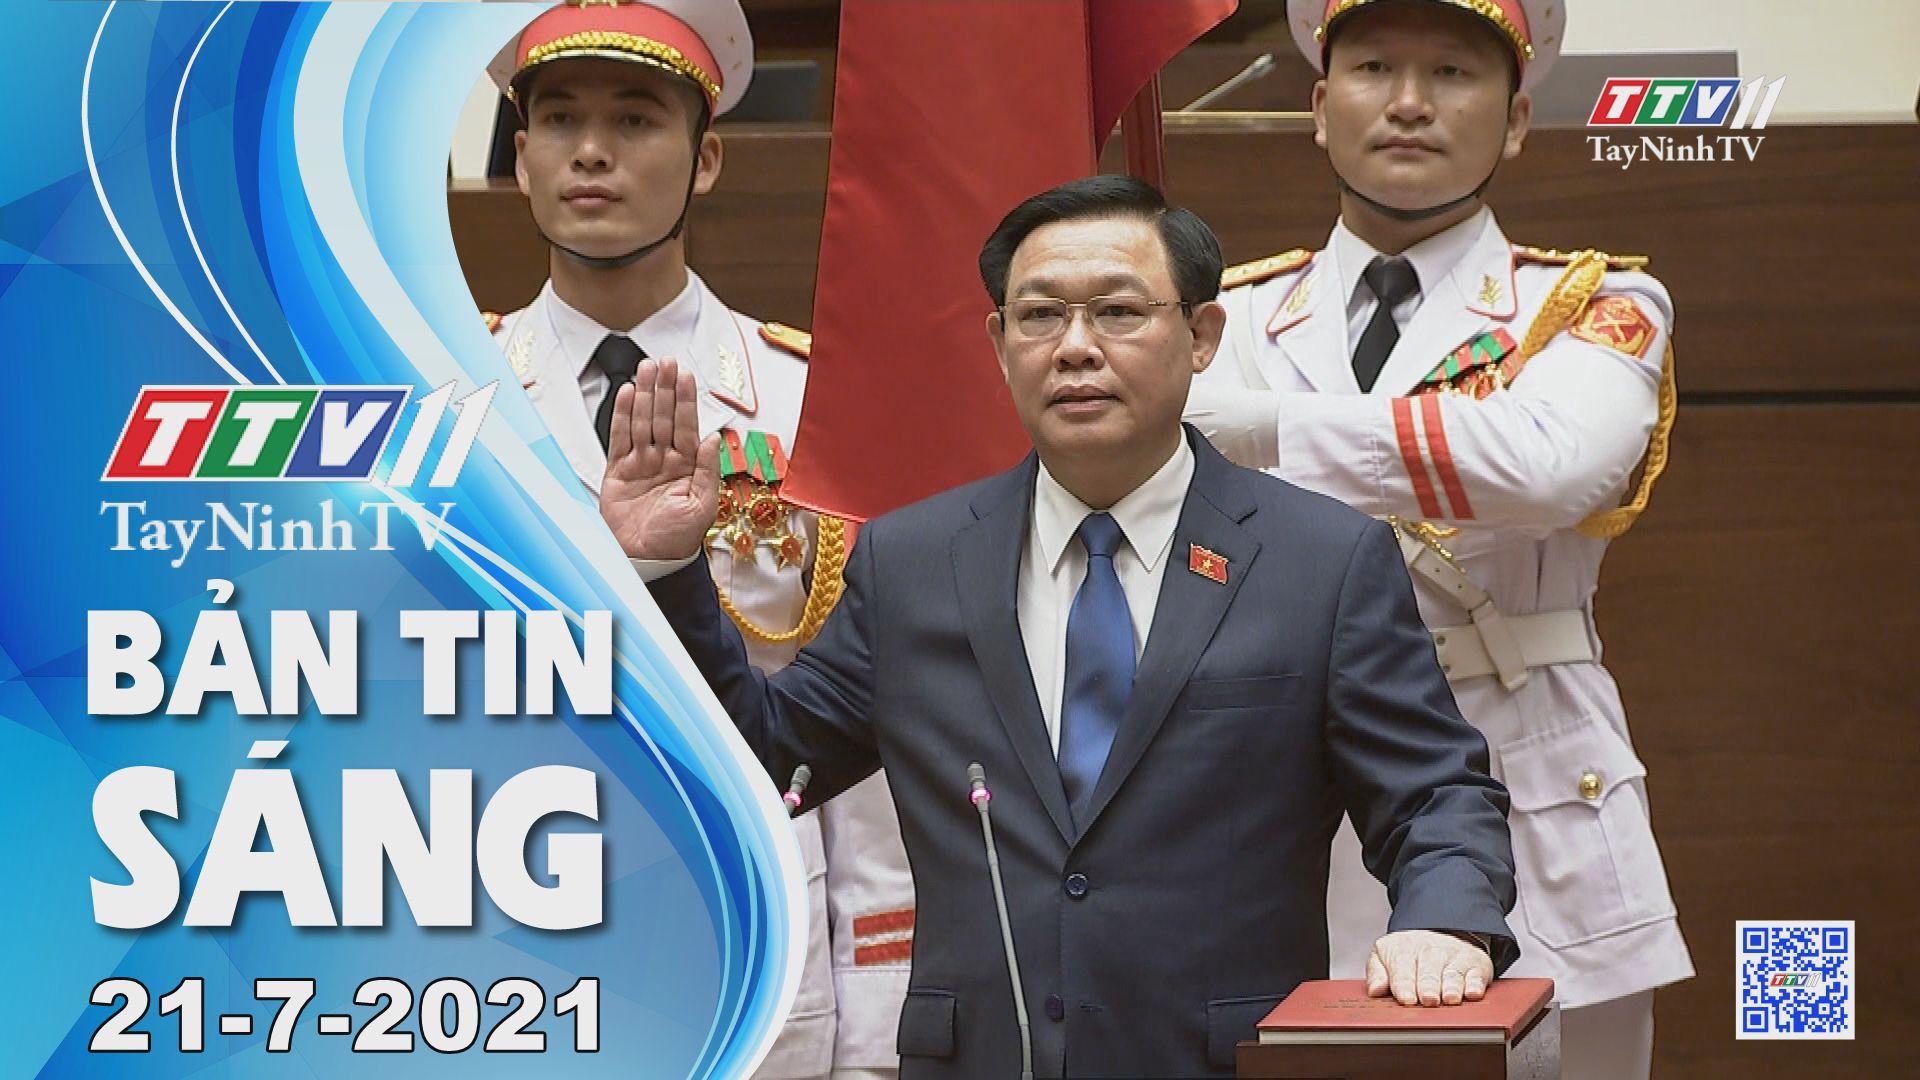 Bản tin sáng 21-7-2021 | Tin tức hôm nay | TayNinhTV